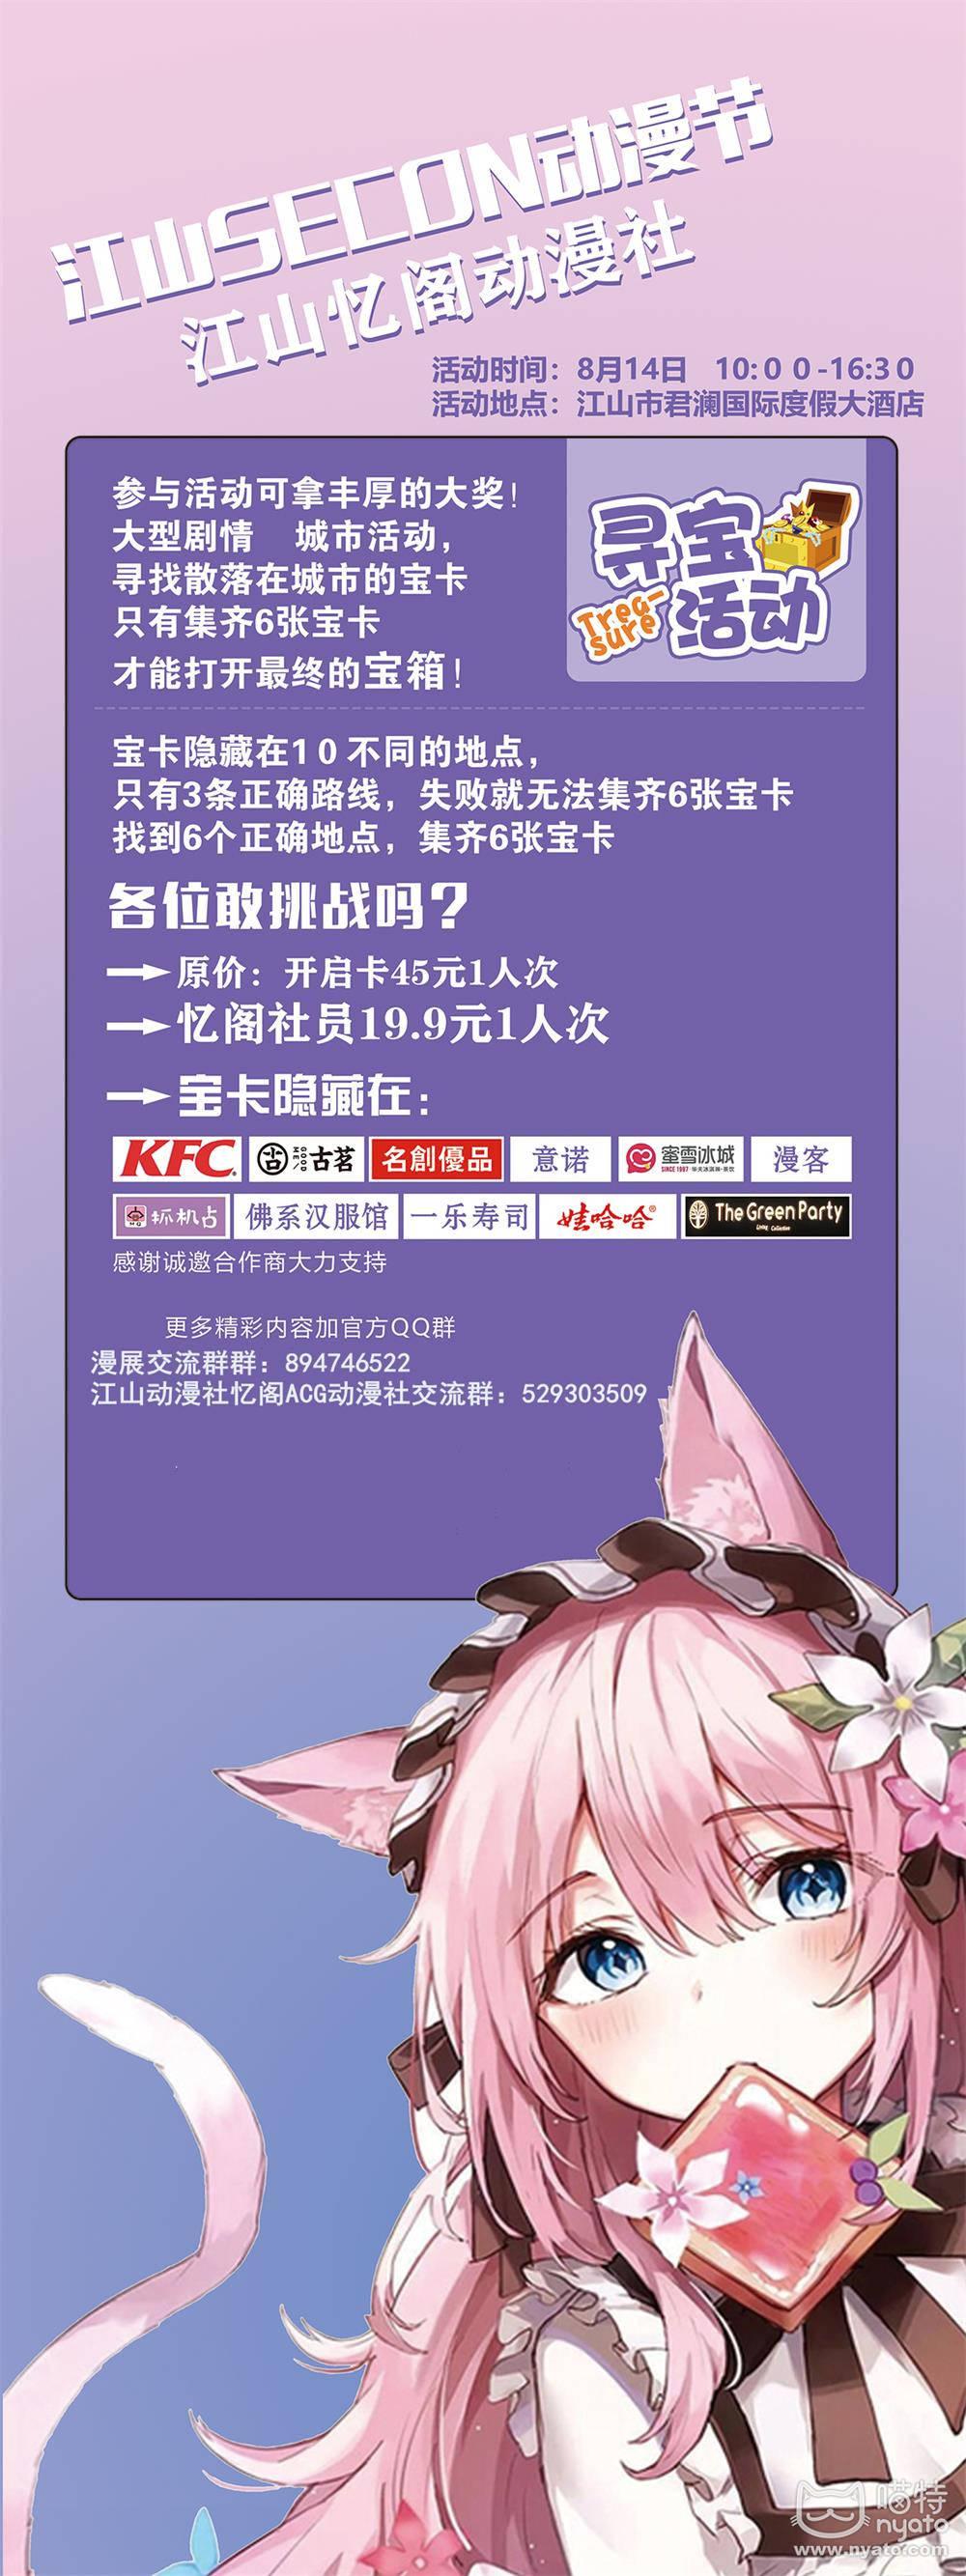 江山寻宝(2)修改.jpg